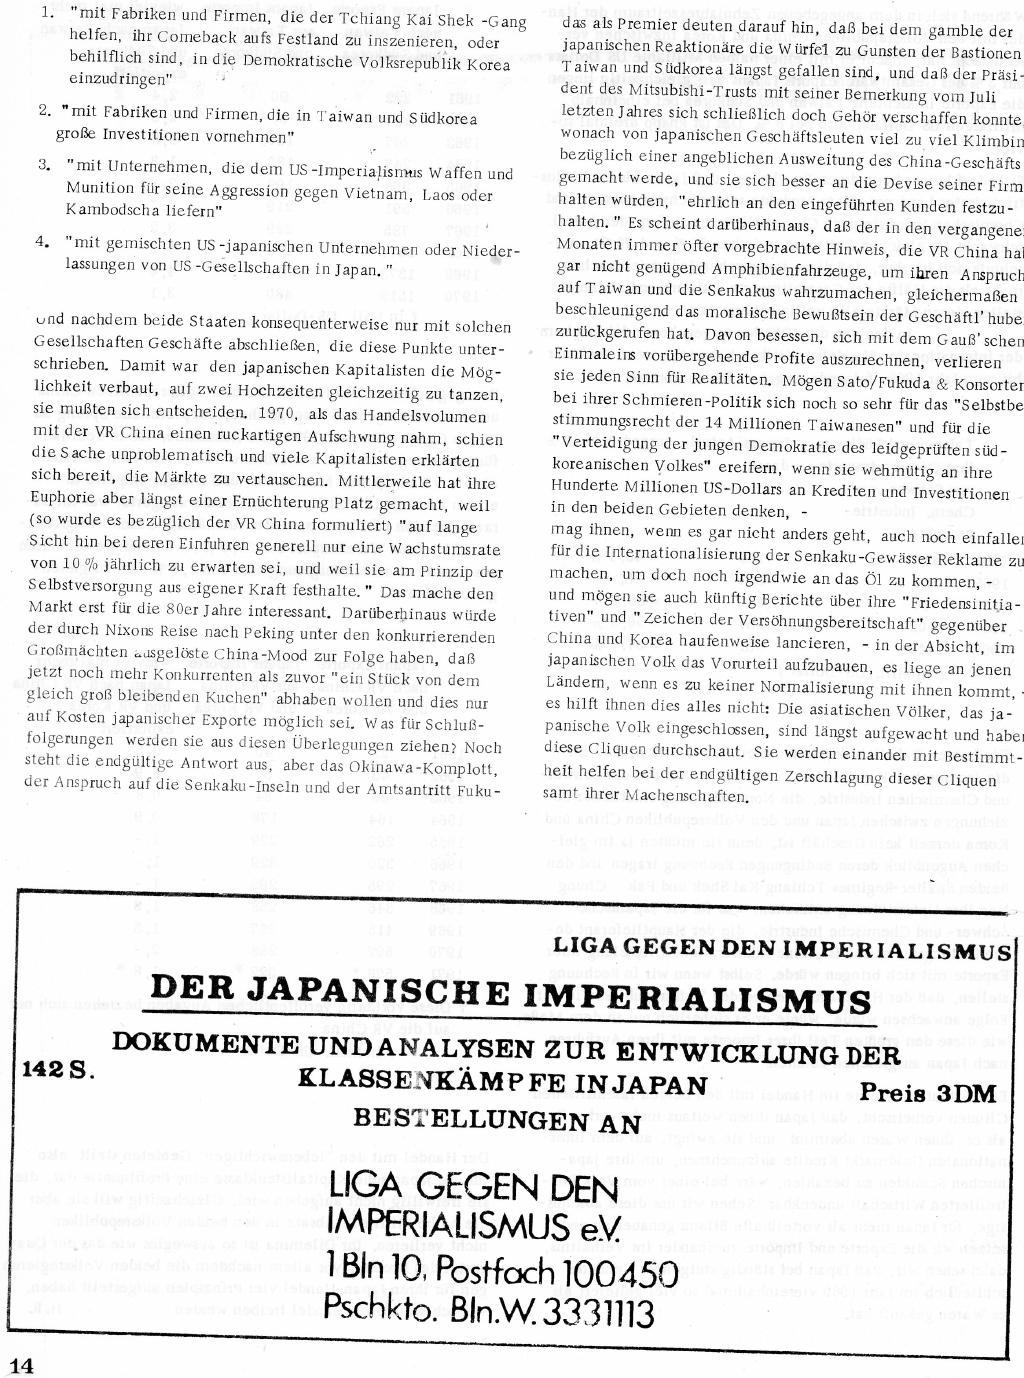 RPK_1972_168_14